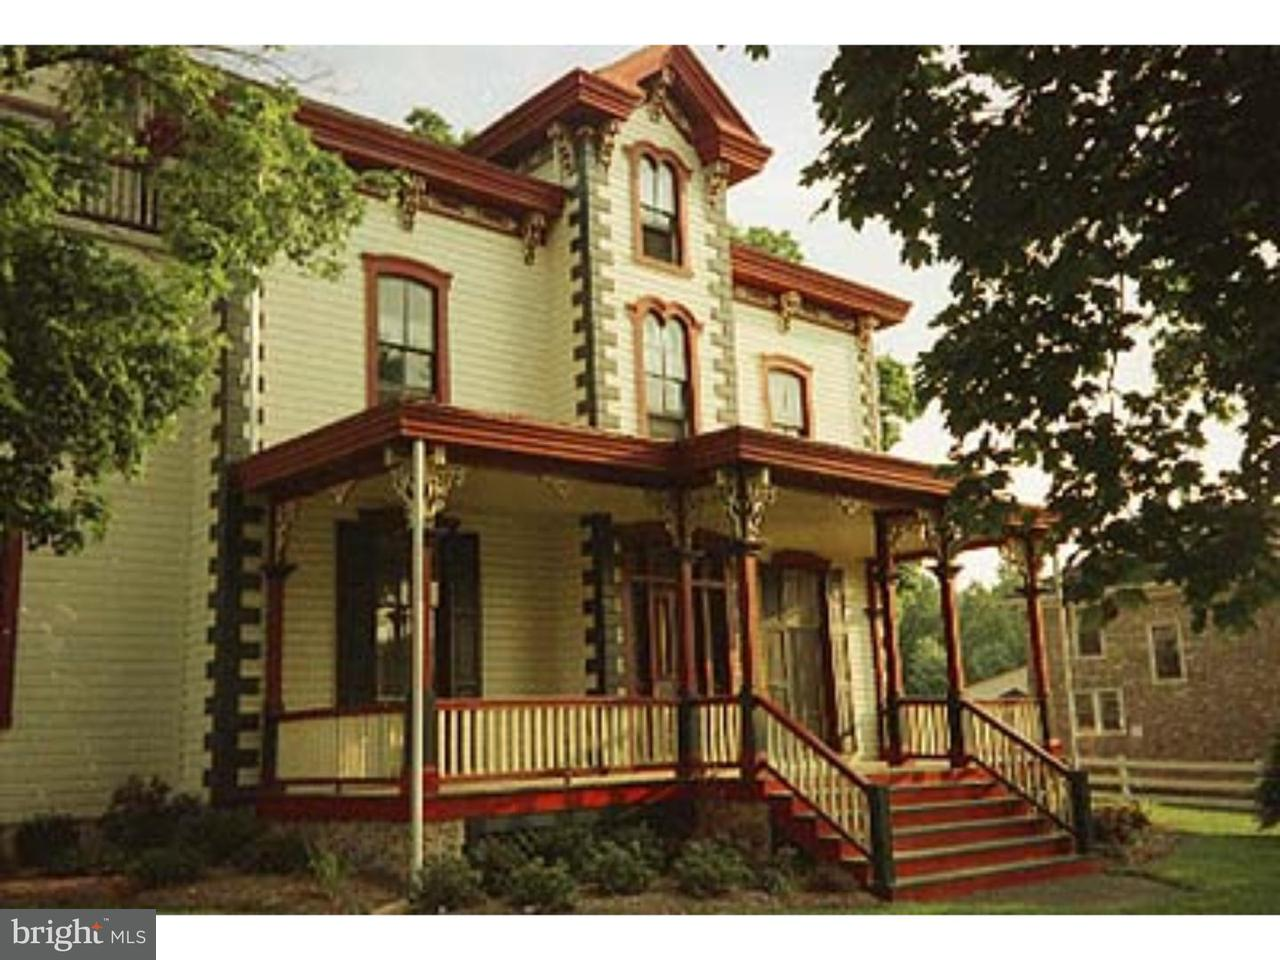 独户住宅 为 出租 在 210 BYERS RD #1E 切斯特斯普林斯, 宾夕法尼亚州 19425 美国